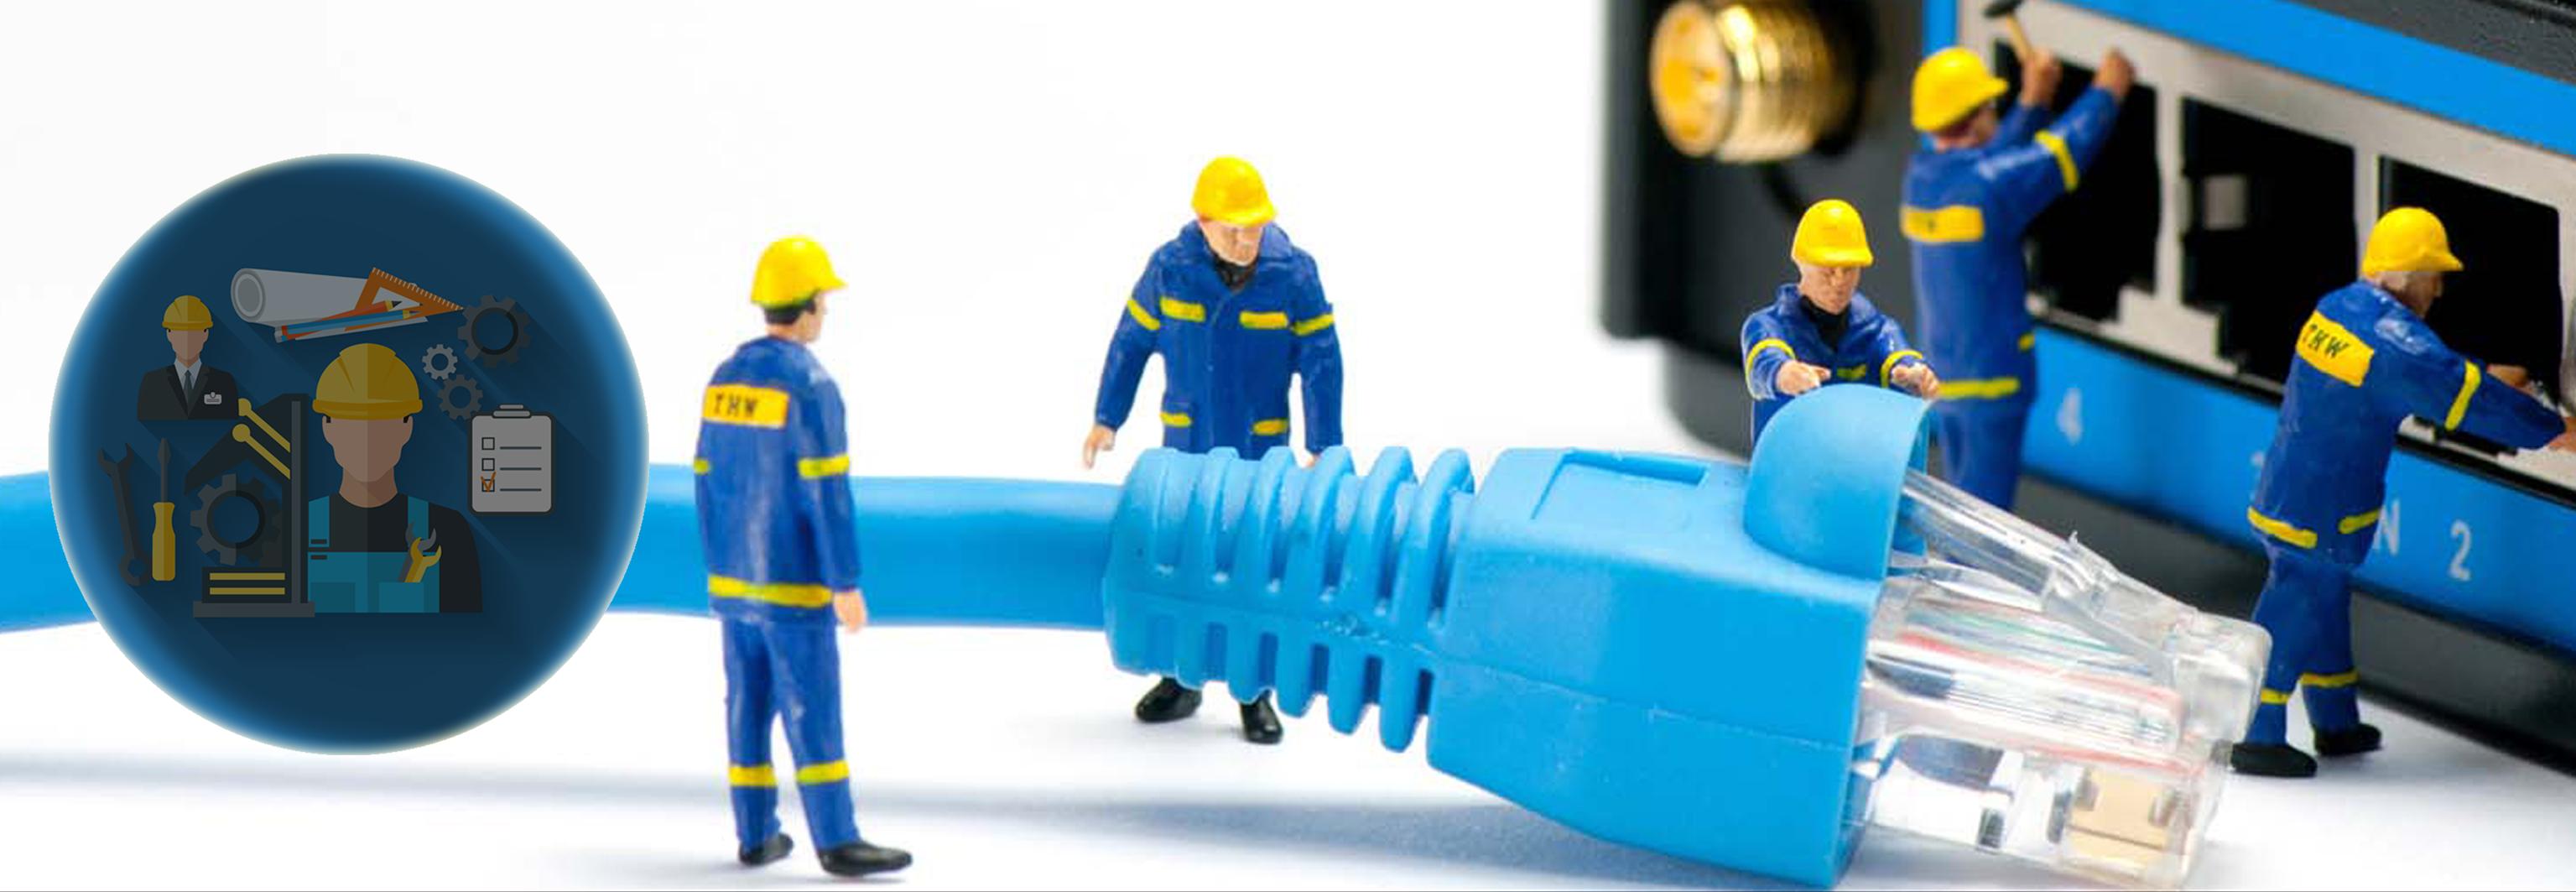 installazioni reti wifi per privati o aziende